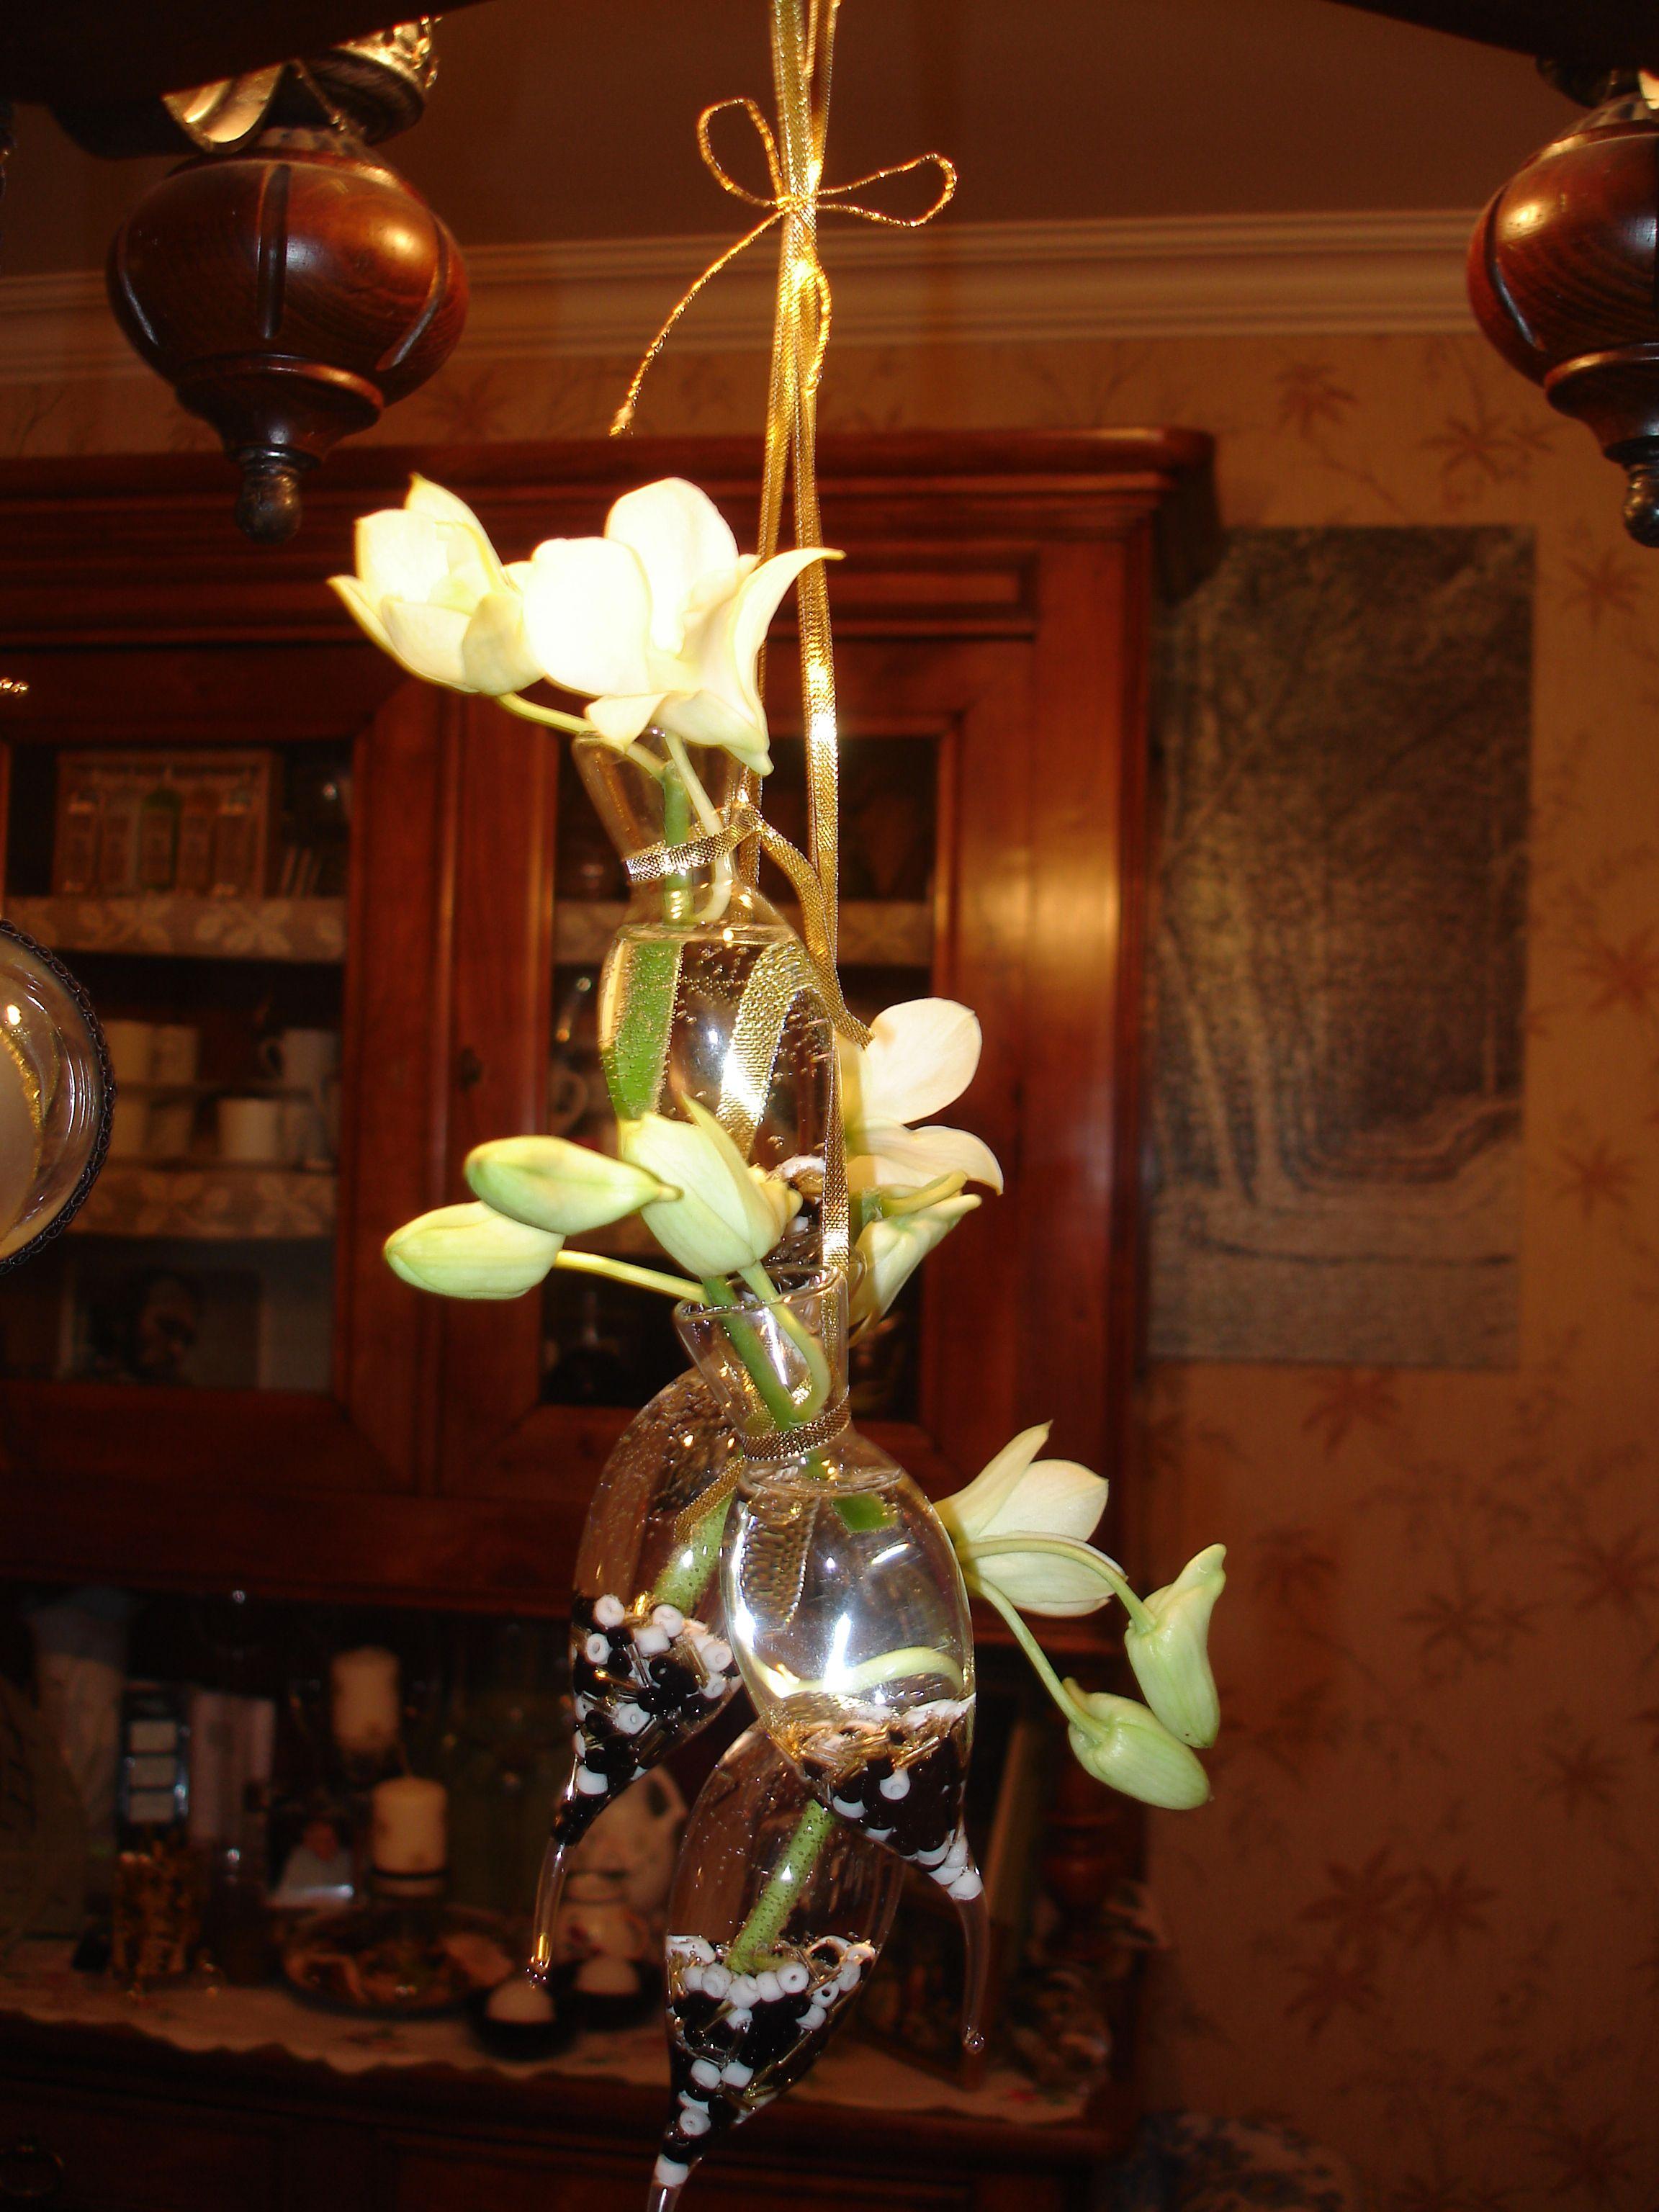 Bouquet en suspension sous un lustre for Lustre en suspension